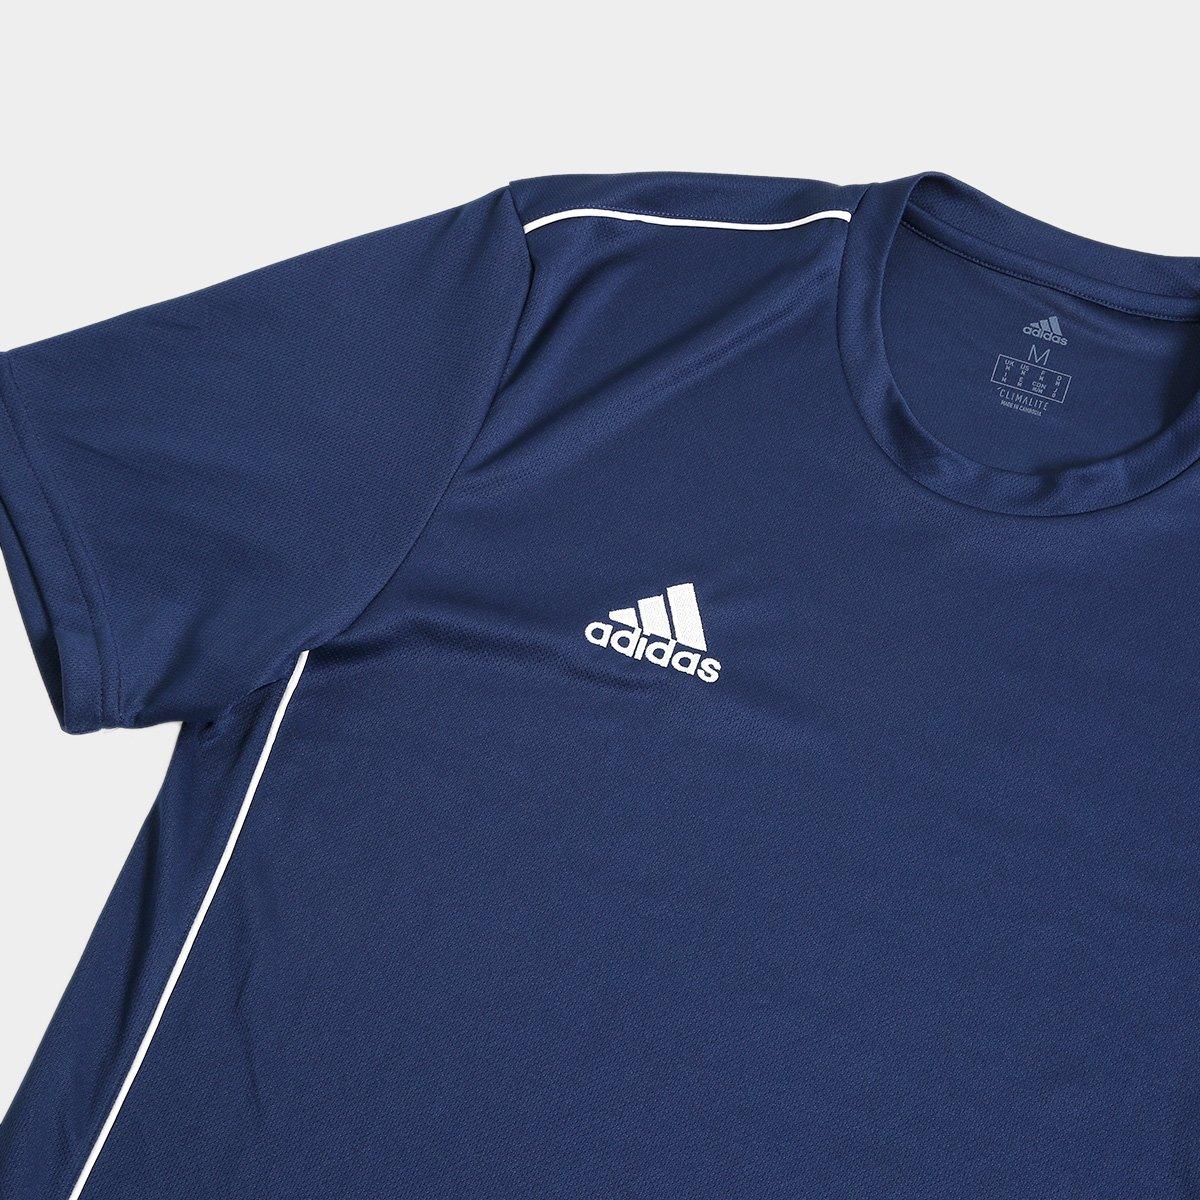 ... a8a04b3f3a6 Camiseta Adidas Core 18 Masculina - Marinho e Branco -  Compre Agora . 8c59336f23af2